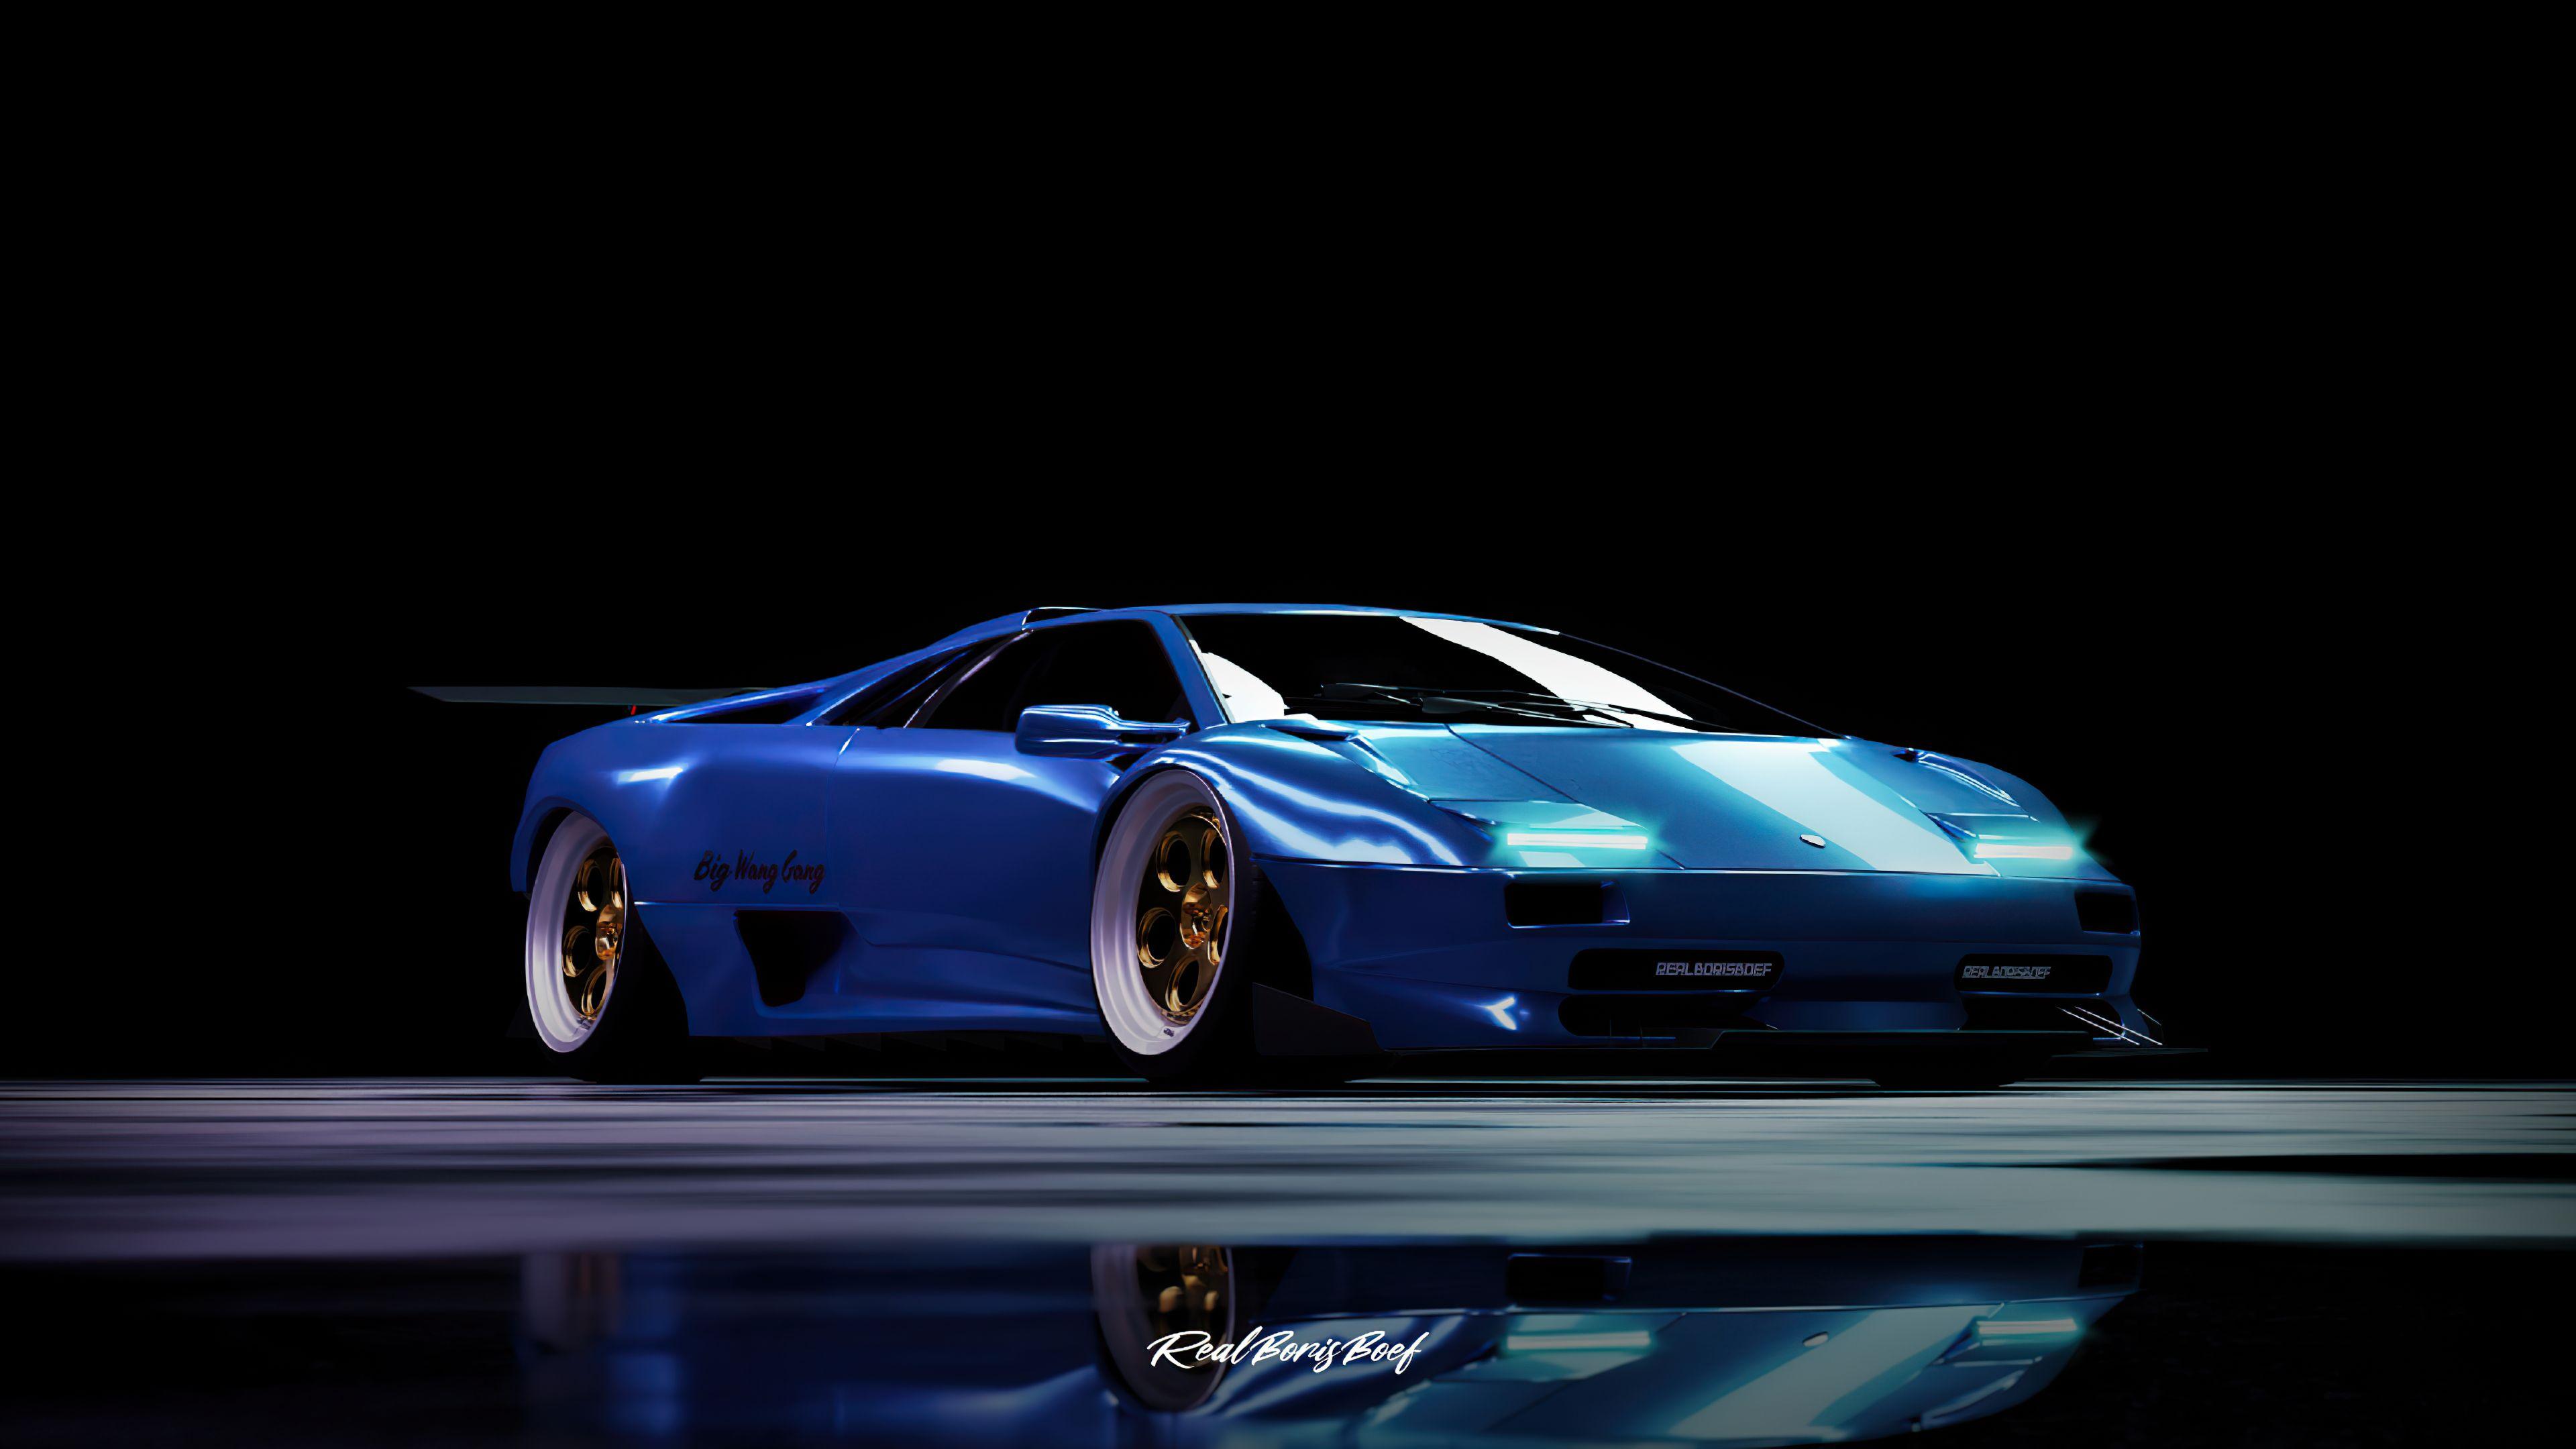 Custom Widebody Lamborghini Diablo 4k 2020 Lamborghini Diablo Lamborghini Hd Widescreen Wallpapers